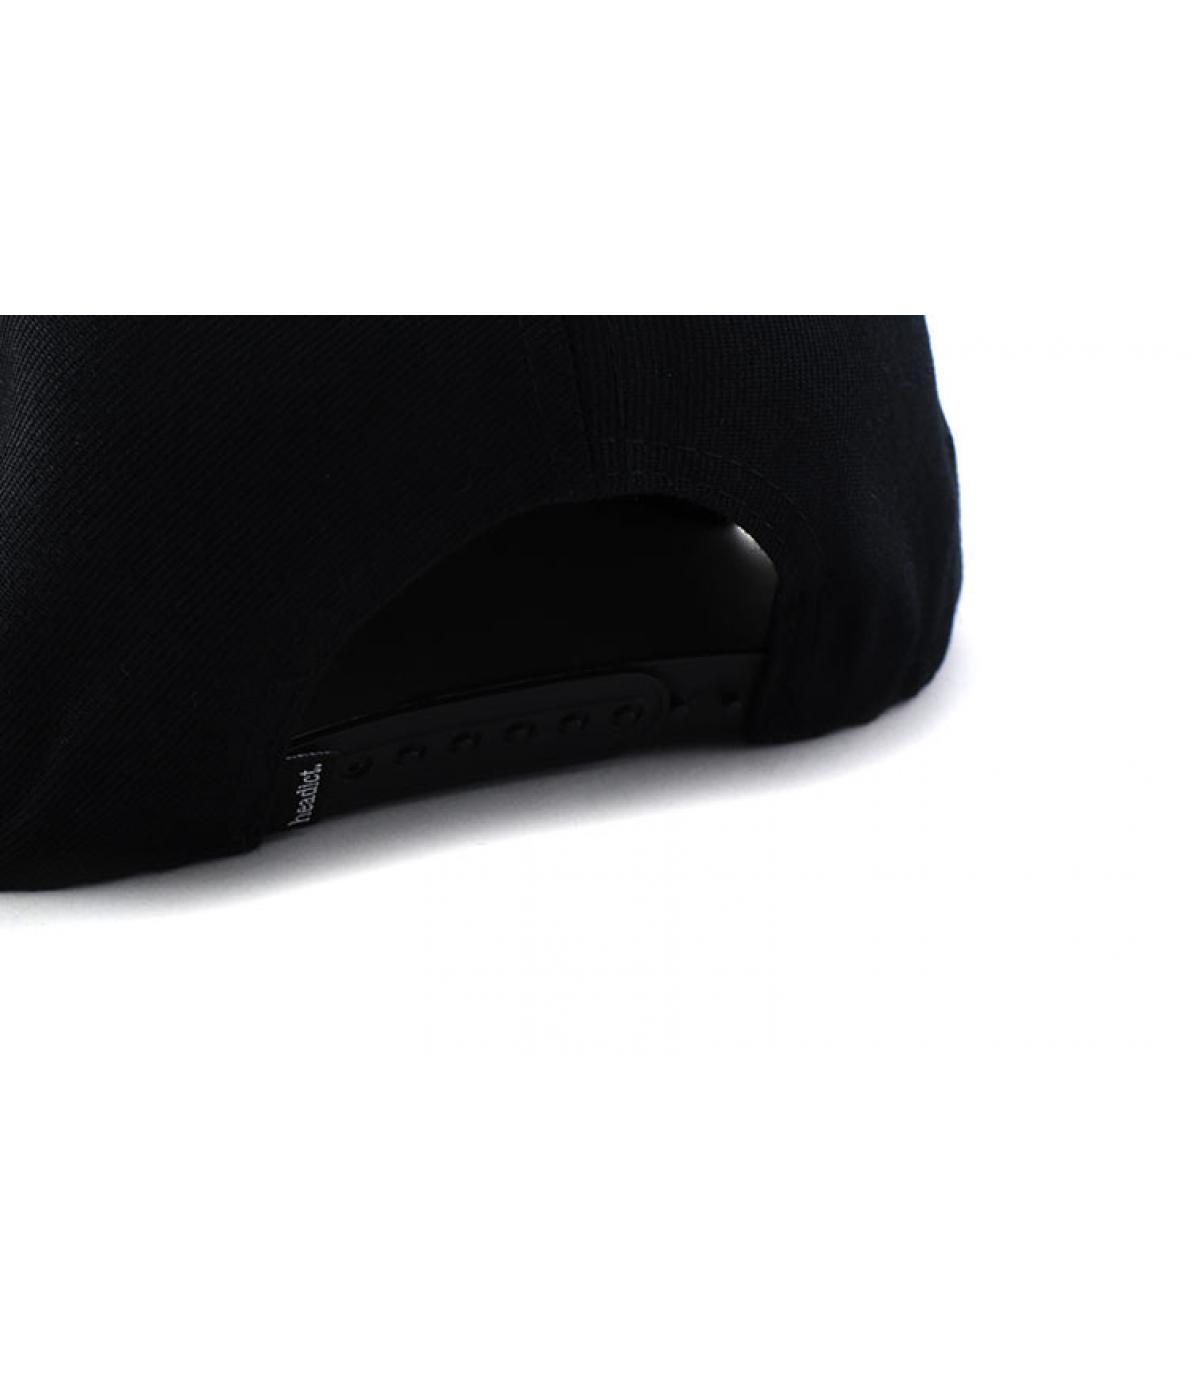 Détails Snapback Do Or Do Not black camo - image 5